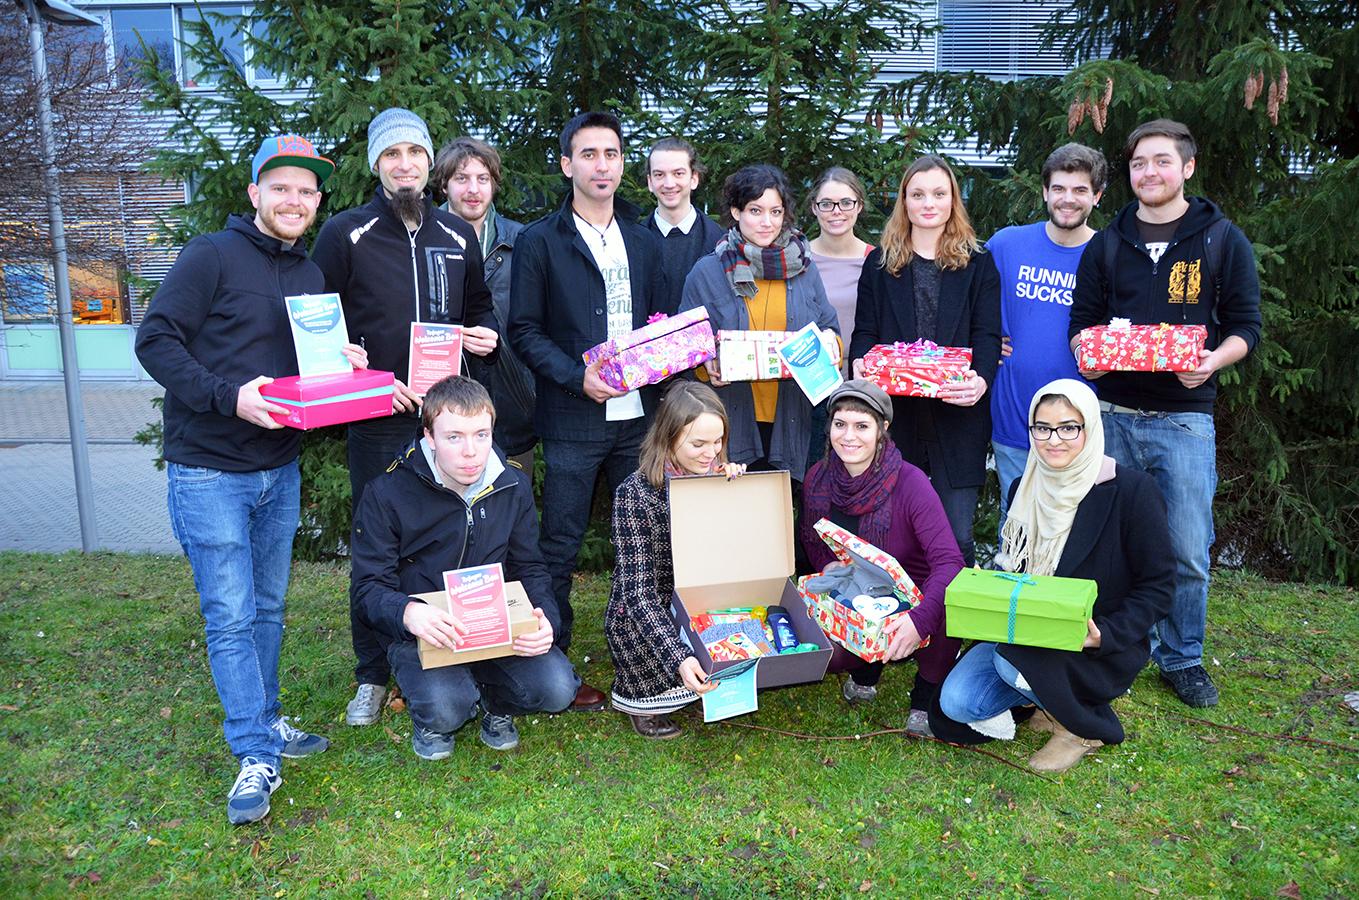 """Der """"Arbeitskreis Refugees"""" verteilt WelcomeBoxen an Flüchtlinge in Koblenz. Viele Freiwillige und auch Geflüchtete selbst beteiligen sich an den vielfältigen Aufgaben des Arbeitskreises. Foto: Hannah Wagner"""